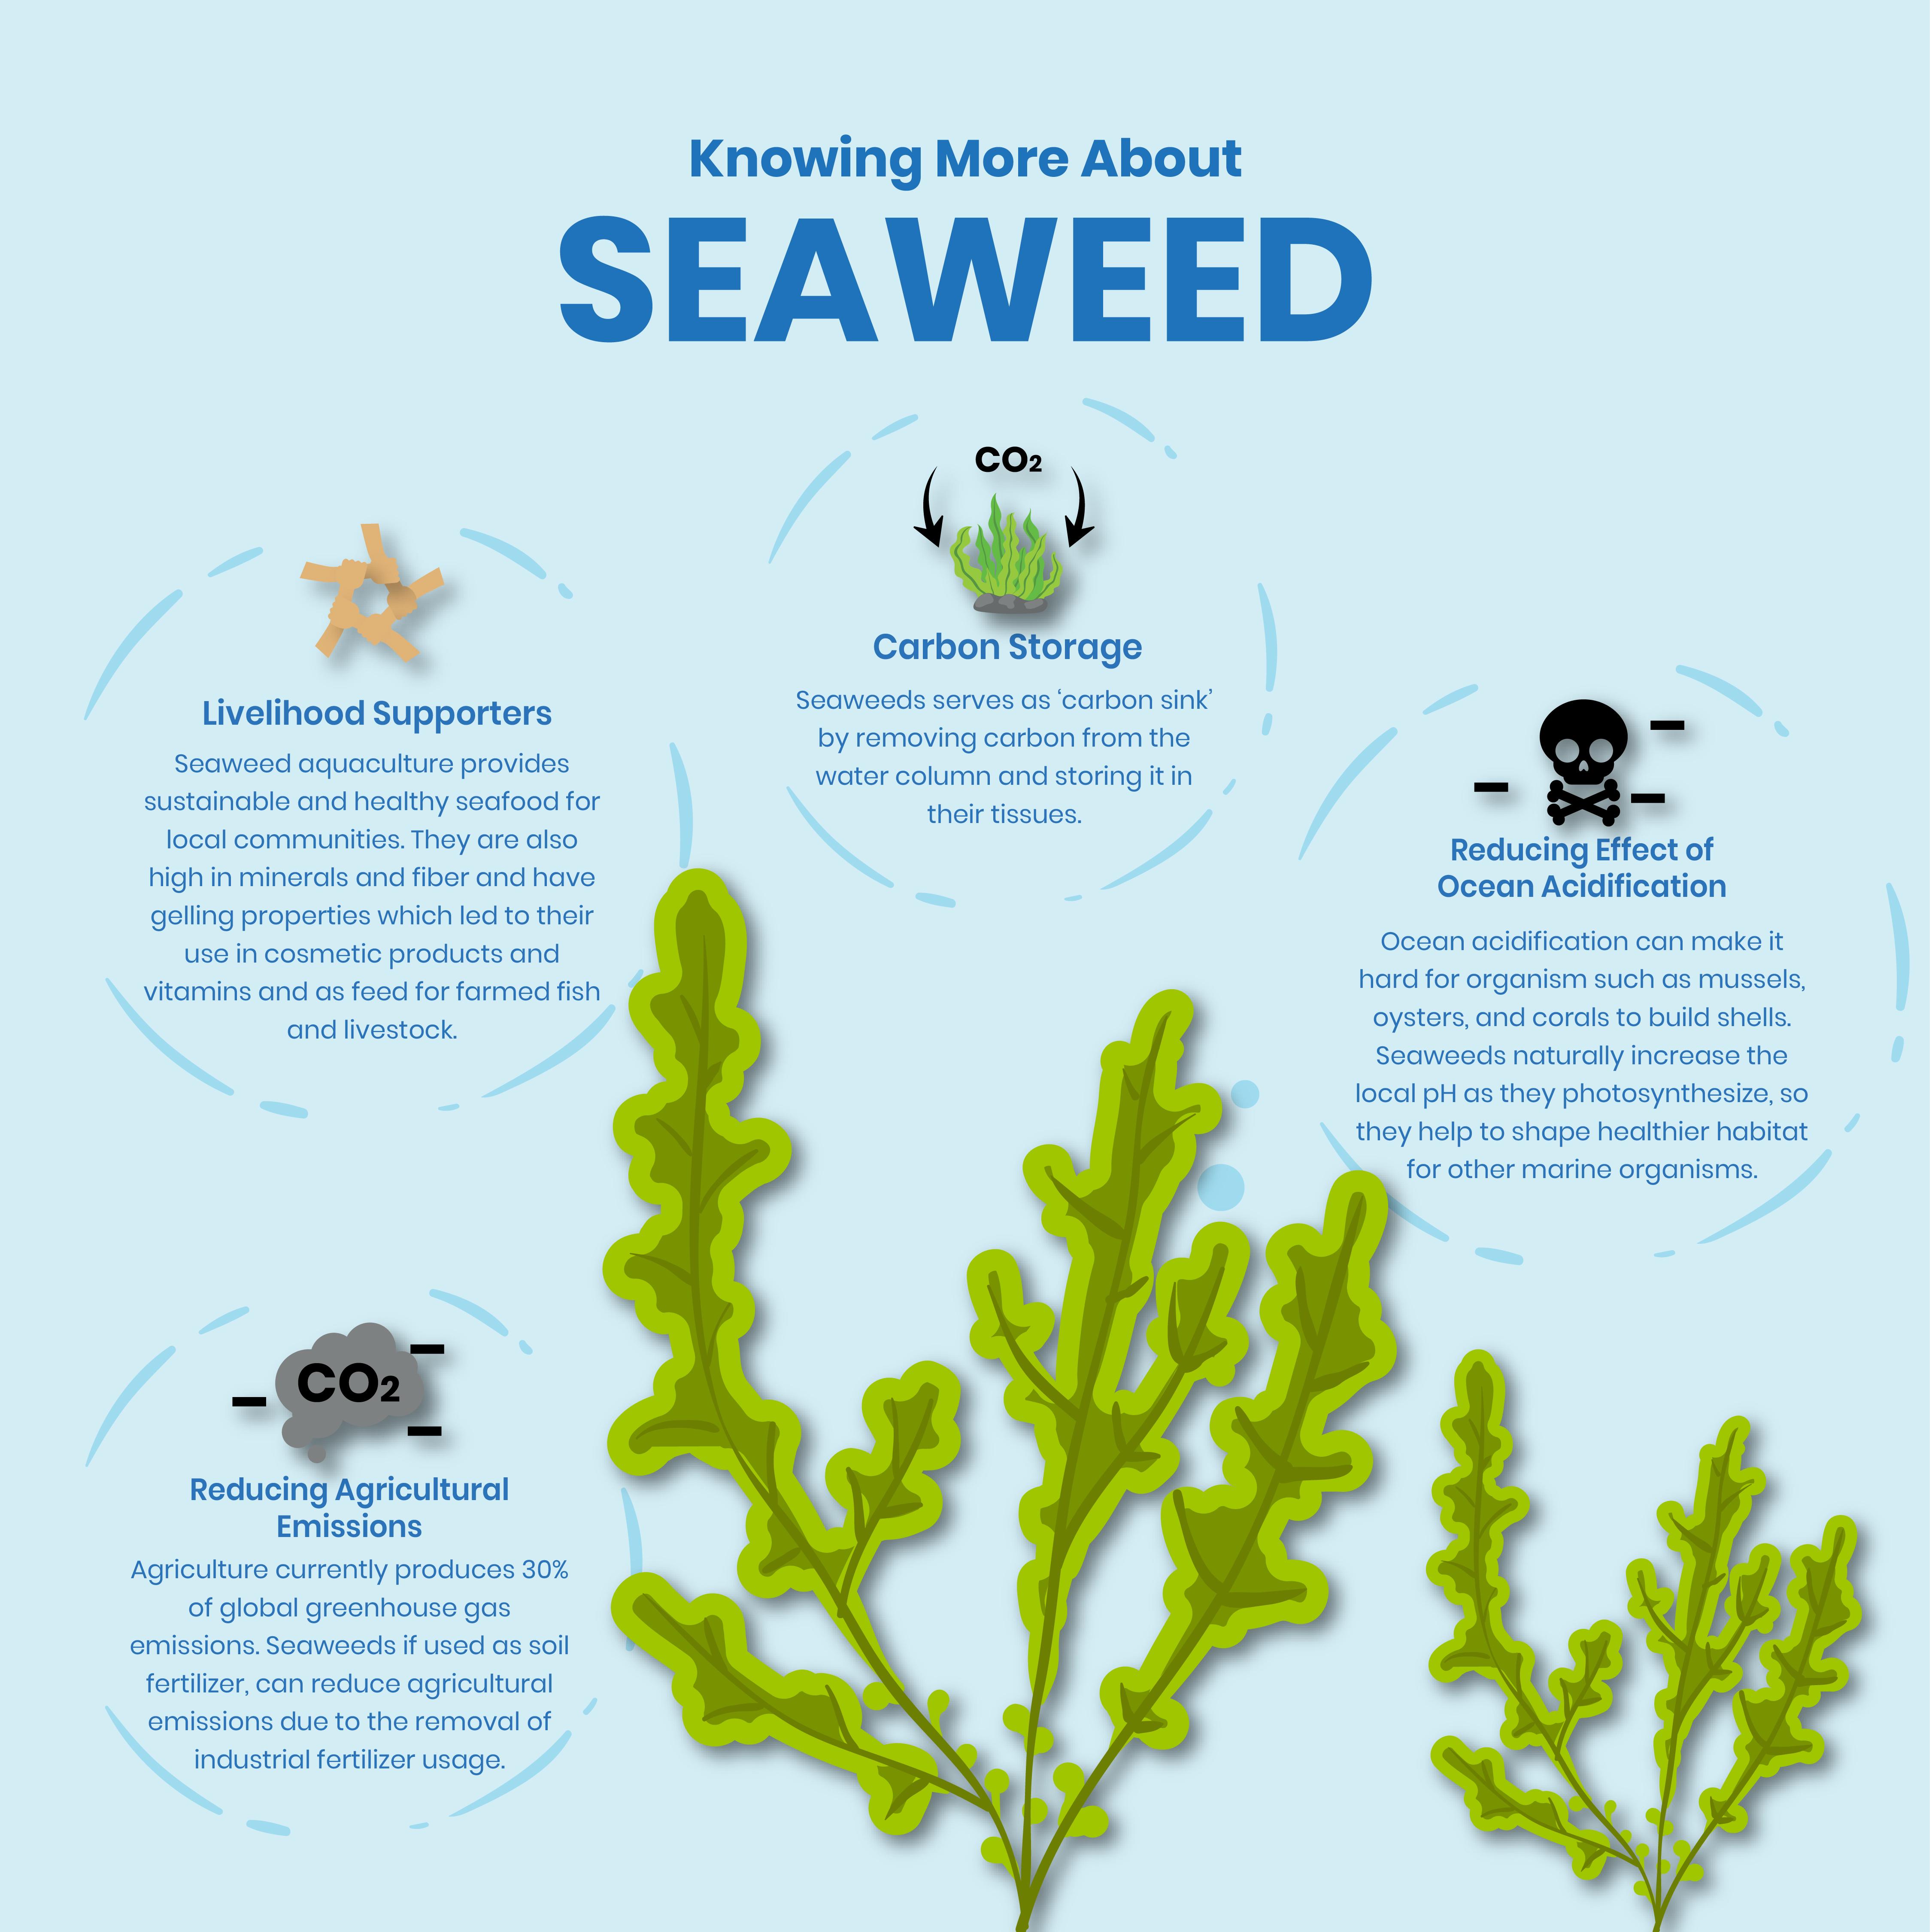 Blue Carbon - Seaweed